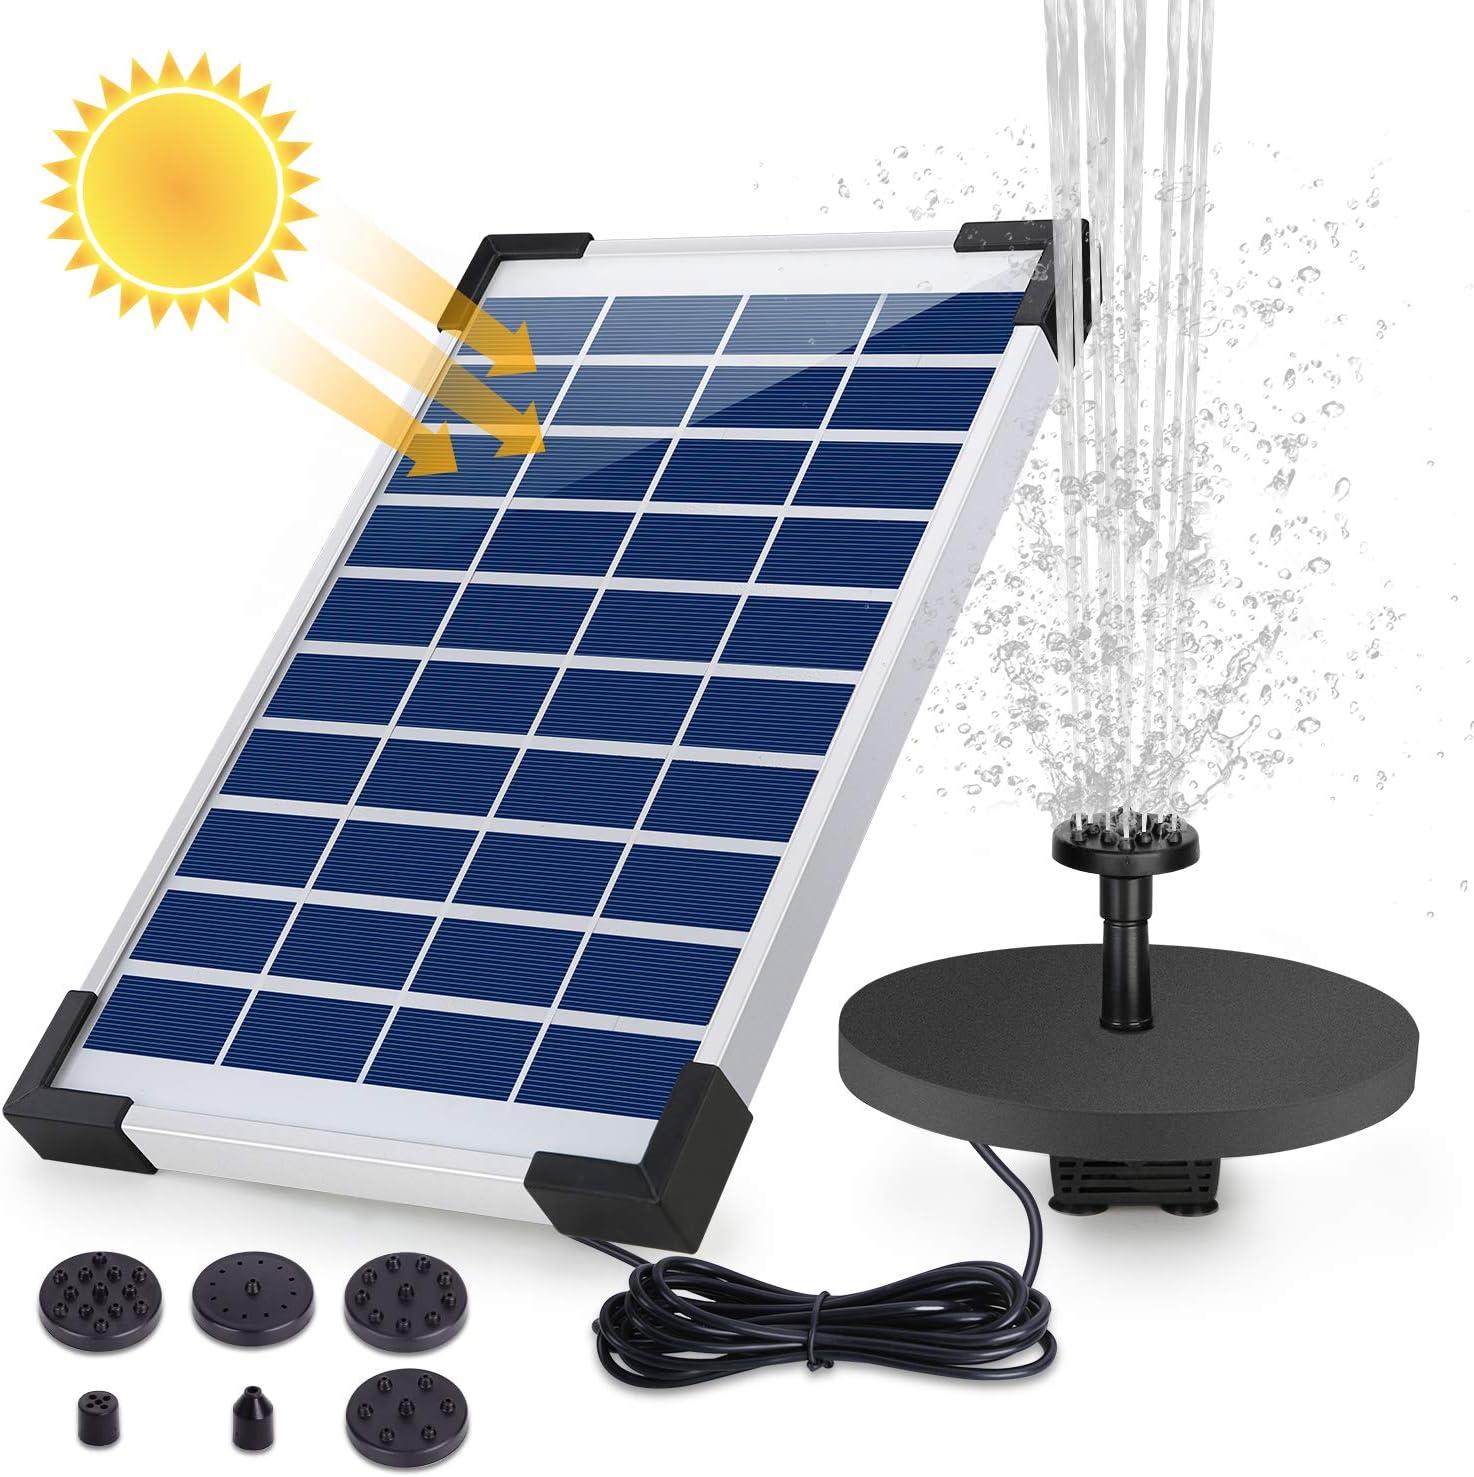 AISITIN Solar Fuente Bomba, 5.5W Fuente de Jardín Solar, Batería Incorporada, Caudal 500 L/H, con 6 Boquillas y Tabla Flotante para Pequeño Estanque, Baño de Aves, Fish Tank y Decoración del Jardín